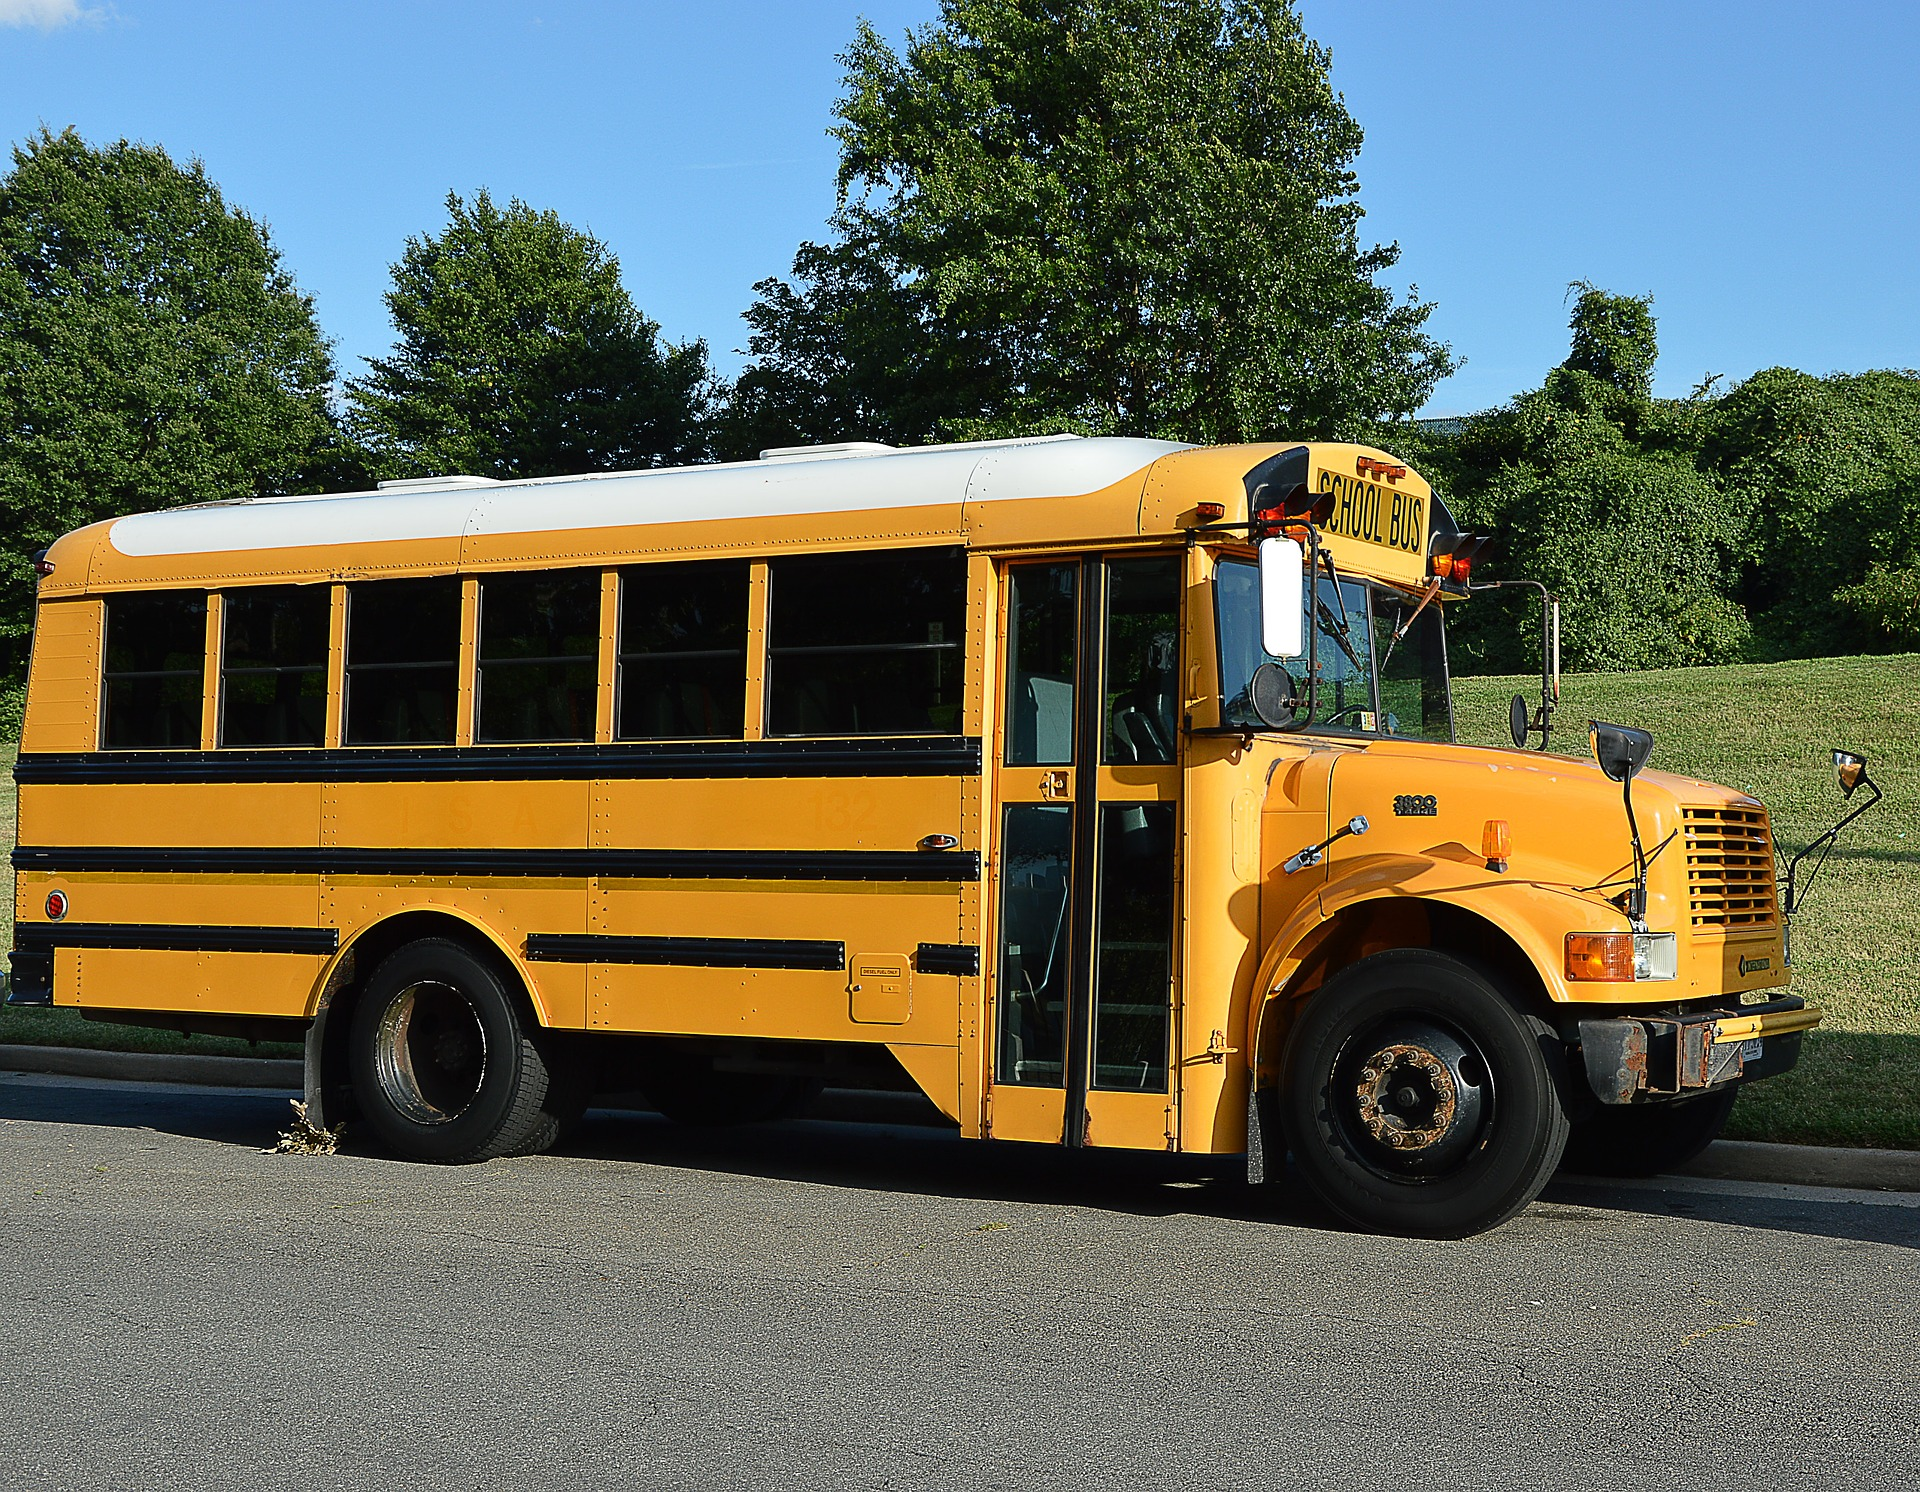 trasporti scolasticitrasporti scolastici